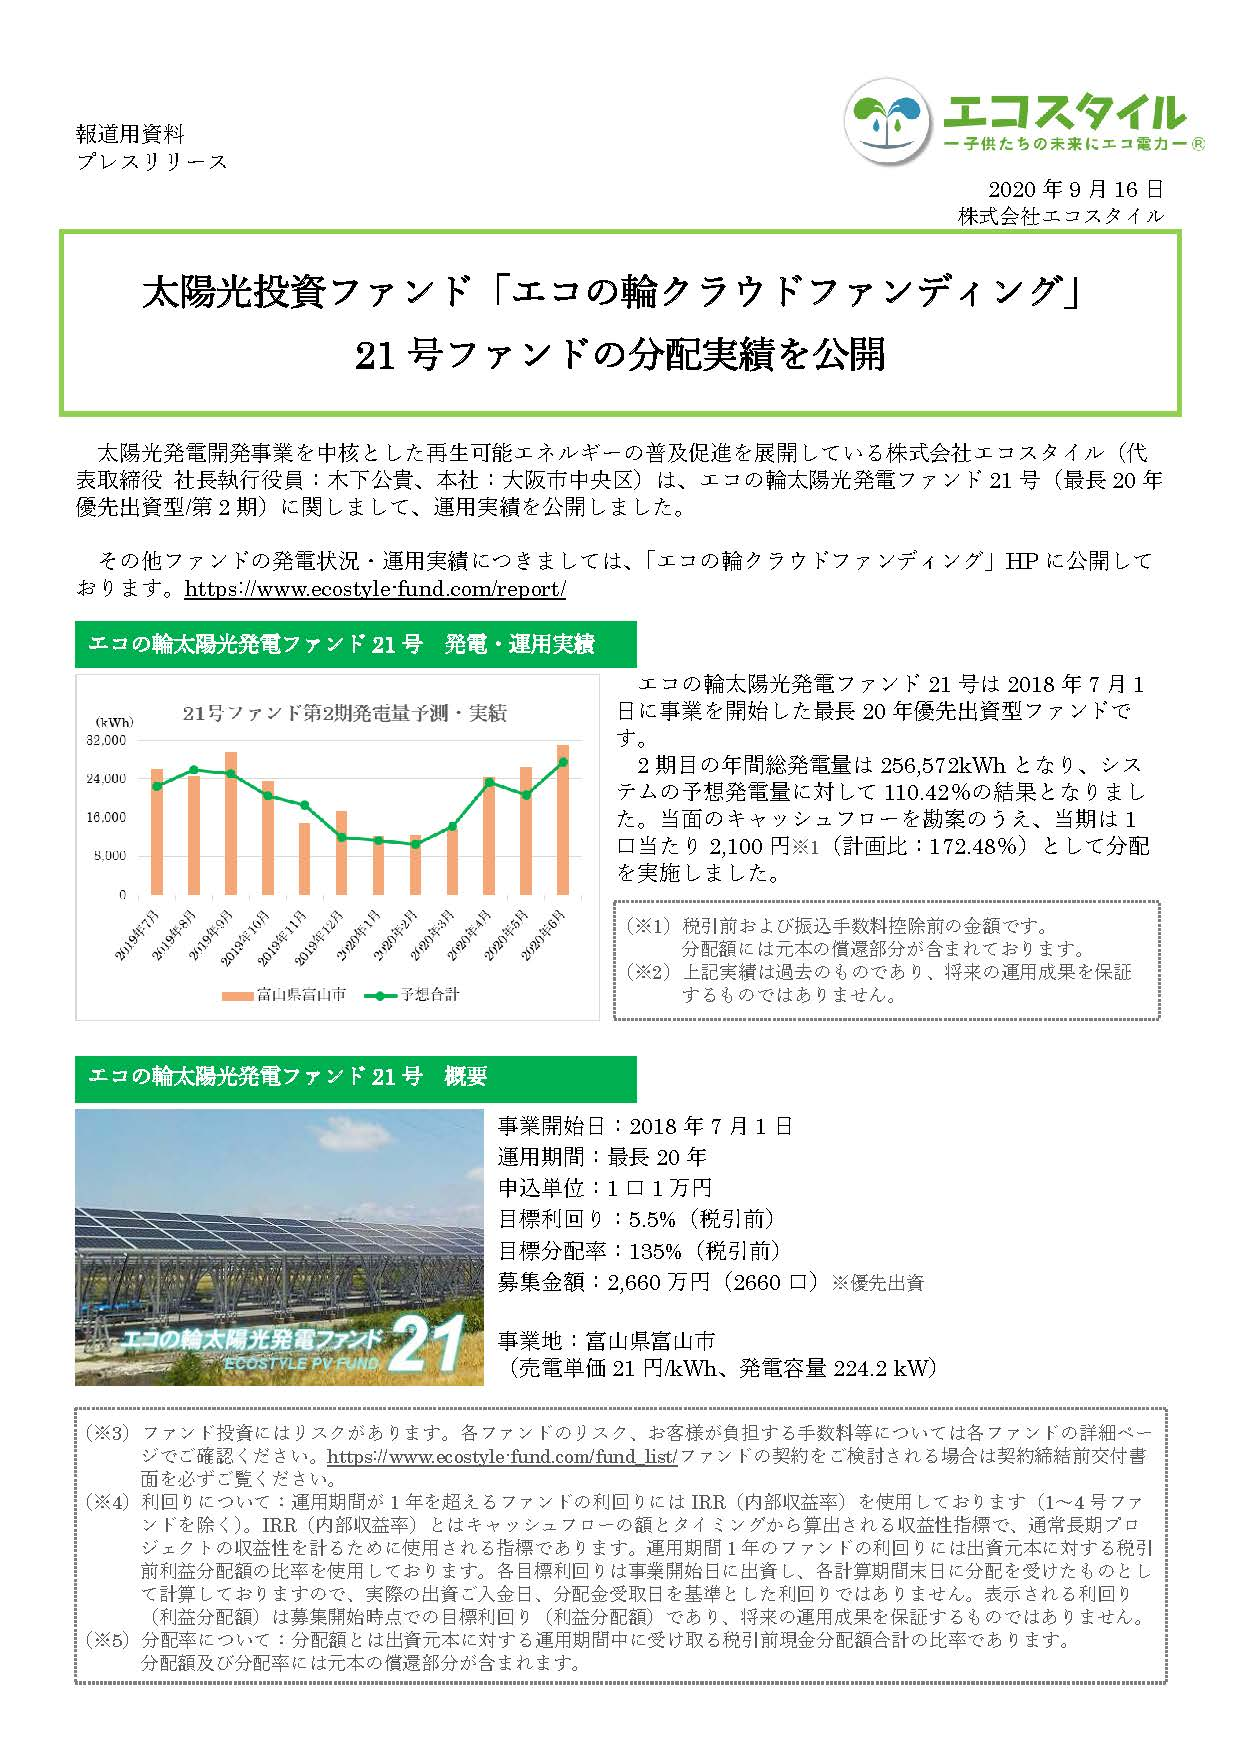 太陽光投資ファンド「エコの輪クラウドファンディング」21号ファンドの分配実績を公開